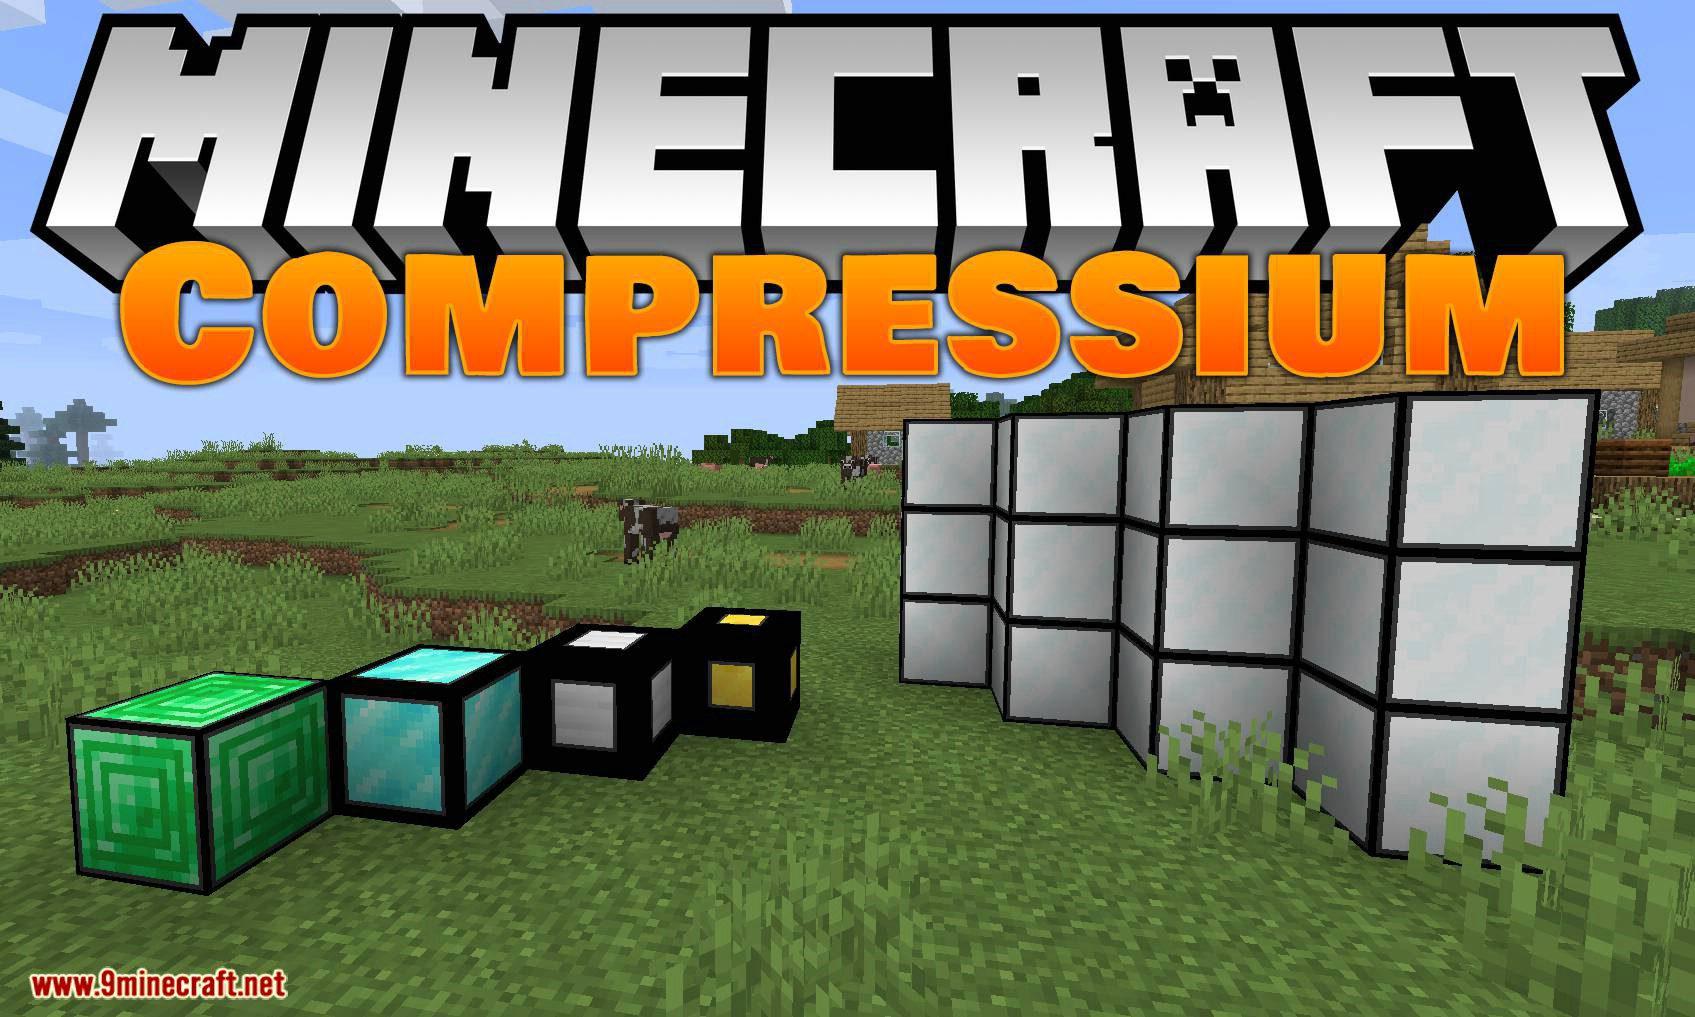 Compressium mod for minecraft logo